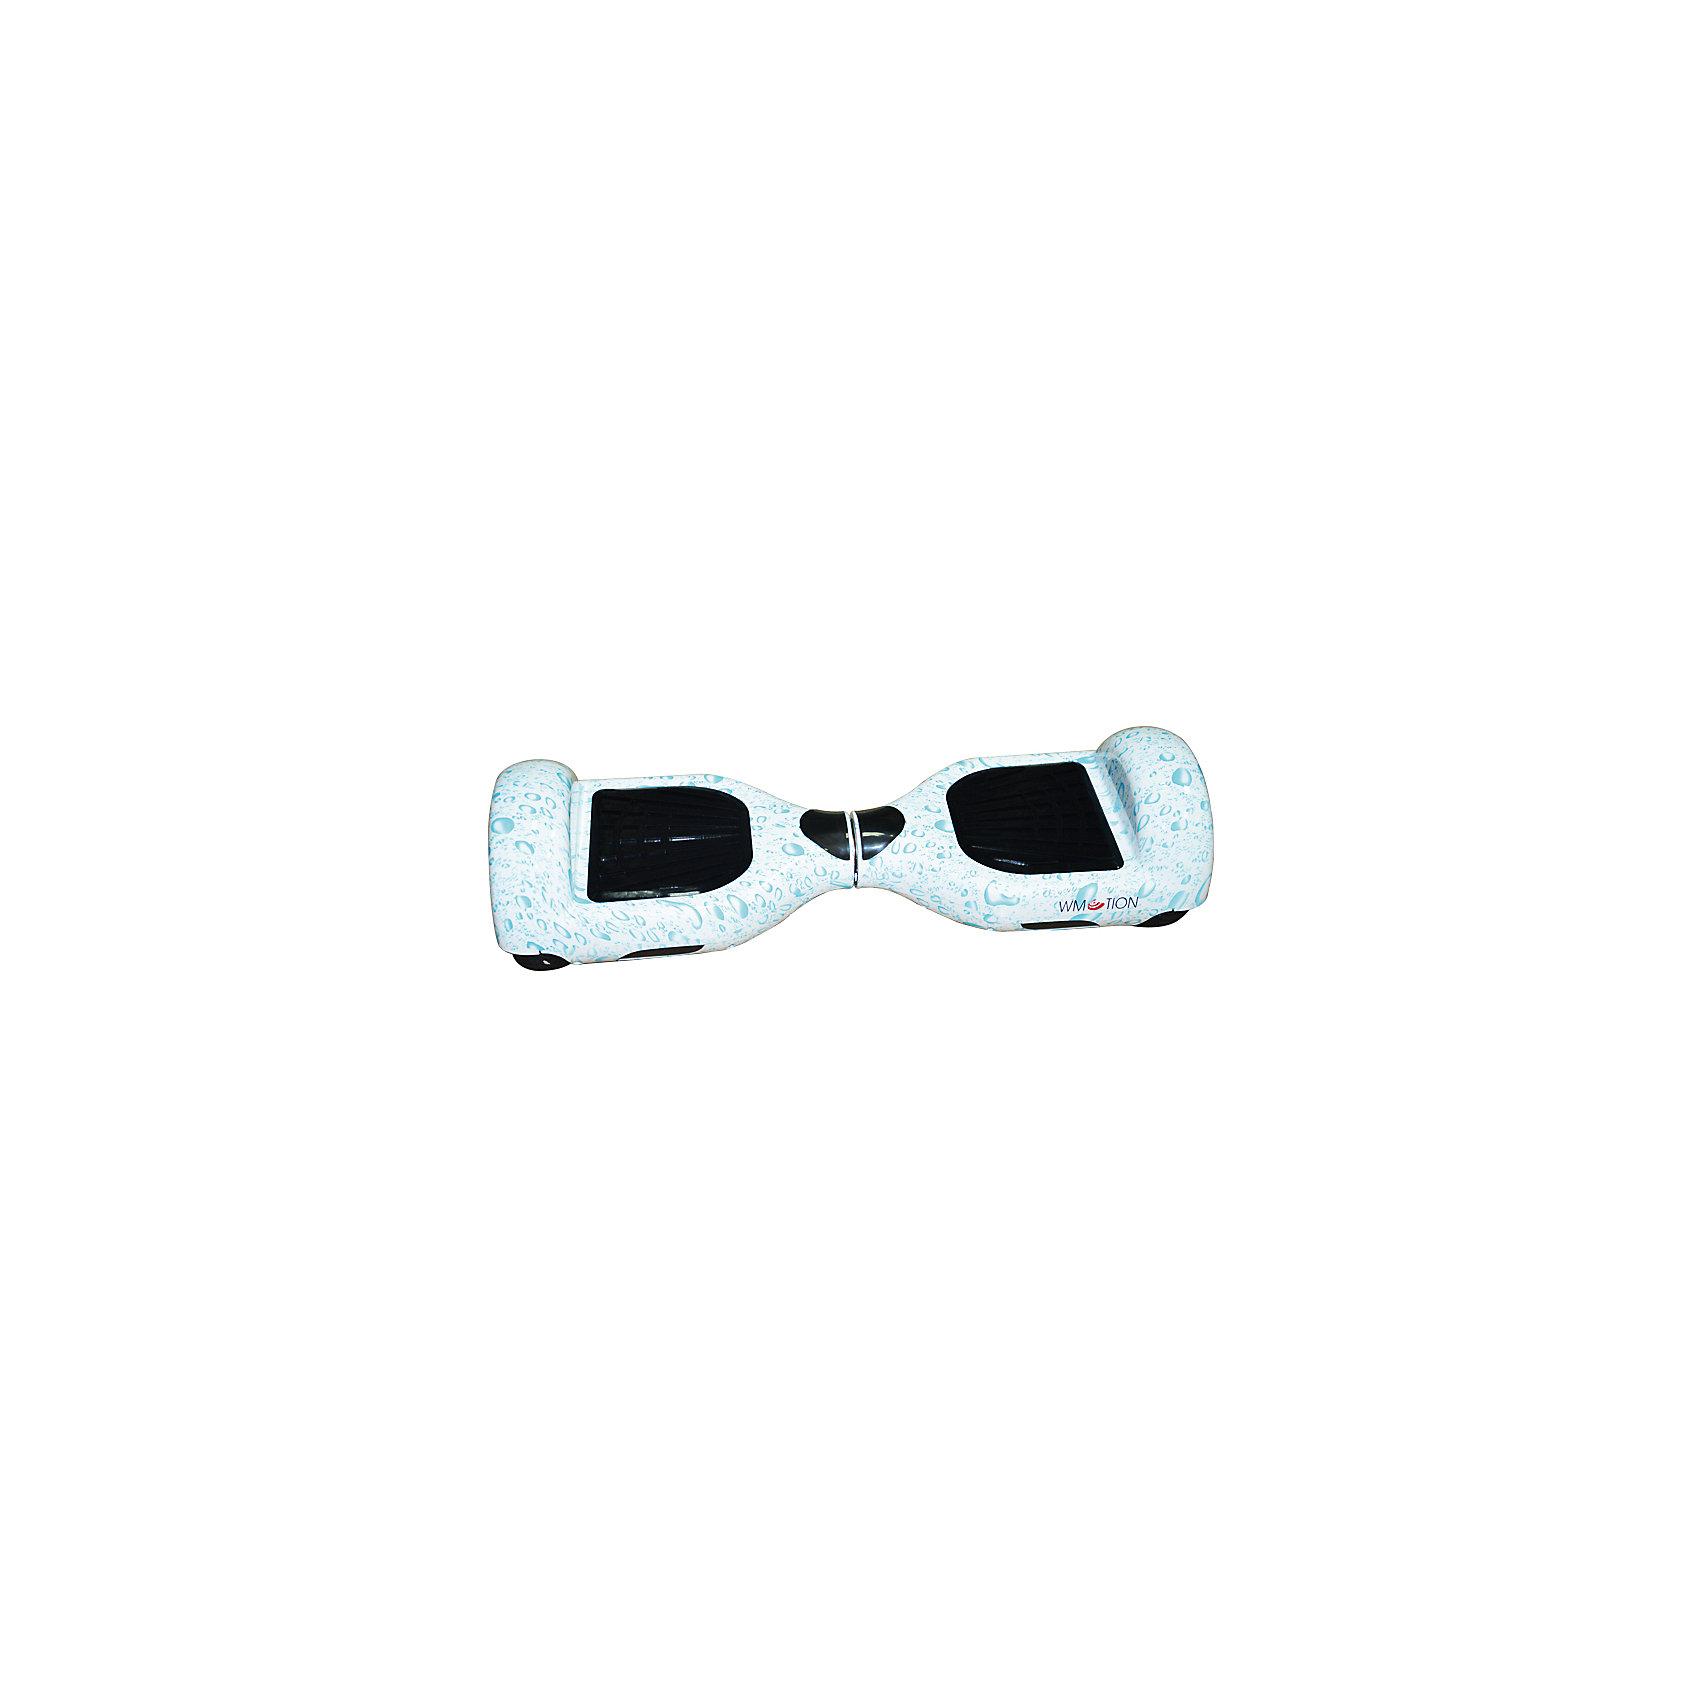 Гироскутер, капли, WMOTIONХарактеристики товара:<br><br>• материал: пластик, металл<br>• размер: 16х58х17 см<br>• комплектация: гироскутер, зарядка, сумка, инструкция по эксплуатации, гарантийный талон, коробка<br>• цвет: голубой<br>• диаметр колёс: 6,5 дюймов<br>• максимальная нагрузка: 100 кг<br>• максимальная скорость – 10 км/ч <br>• максимальное расстояние, которое можно проехать на одном заряде: 20 км <br>• мощность электродвигателя: 0.35 кВт<br>• ёмкость аккумулятора: 4 400 мАч<br>• время, необходимое для полной зарядки аккумулятора: 90 мин<br>• стильный дизайн<br>• вес: 10 кг<br>• страна производитель: Китай<br>• страна бренда: Китай<br><br>Один из самых модных на настоящий моментов вид передвижения - это гироскутер. Он эффектно выглядит, позволяет ехать со скоростью выше, чем у пешеходов, но при этом достаточно безопасной для владельца. Управлять таким средством передвижения достаточно просто: нужно всего лишь переносить вес тела в определенное направление.<br><br>Такой гироскутер достаточно быстро заряжается, он не много весит. Модель уже пользуется популярностью в западных странах. Она действительно стильно выглядит, особенно в темноте с подсветкой, и позволяет выполнять эффектные трюки!<br><br>Гироскутер, капли, от популярного бренда WMOTION можно купить в нашем интернет-магазине.<br><br>Ширина мм: 170<br>Глубина мм: 170<br>Высота мм: 580<br>Вес г: 10000<br>Возраст от месяцев: 60<br>Возраст до месяцев: 192<br>Пол: Унисекс<br>Возраст: Детский<br>SKU: 5482381